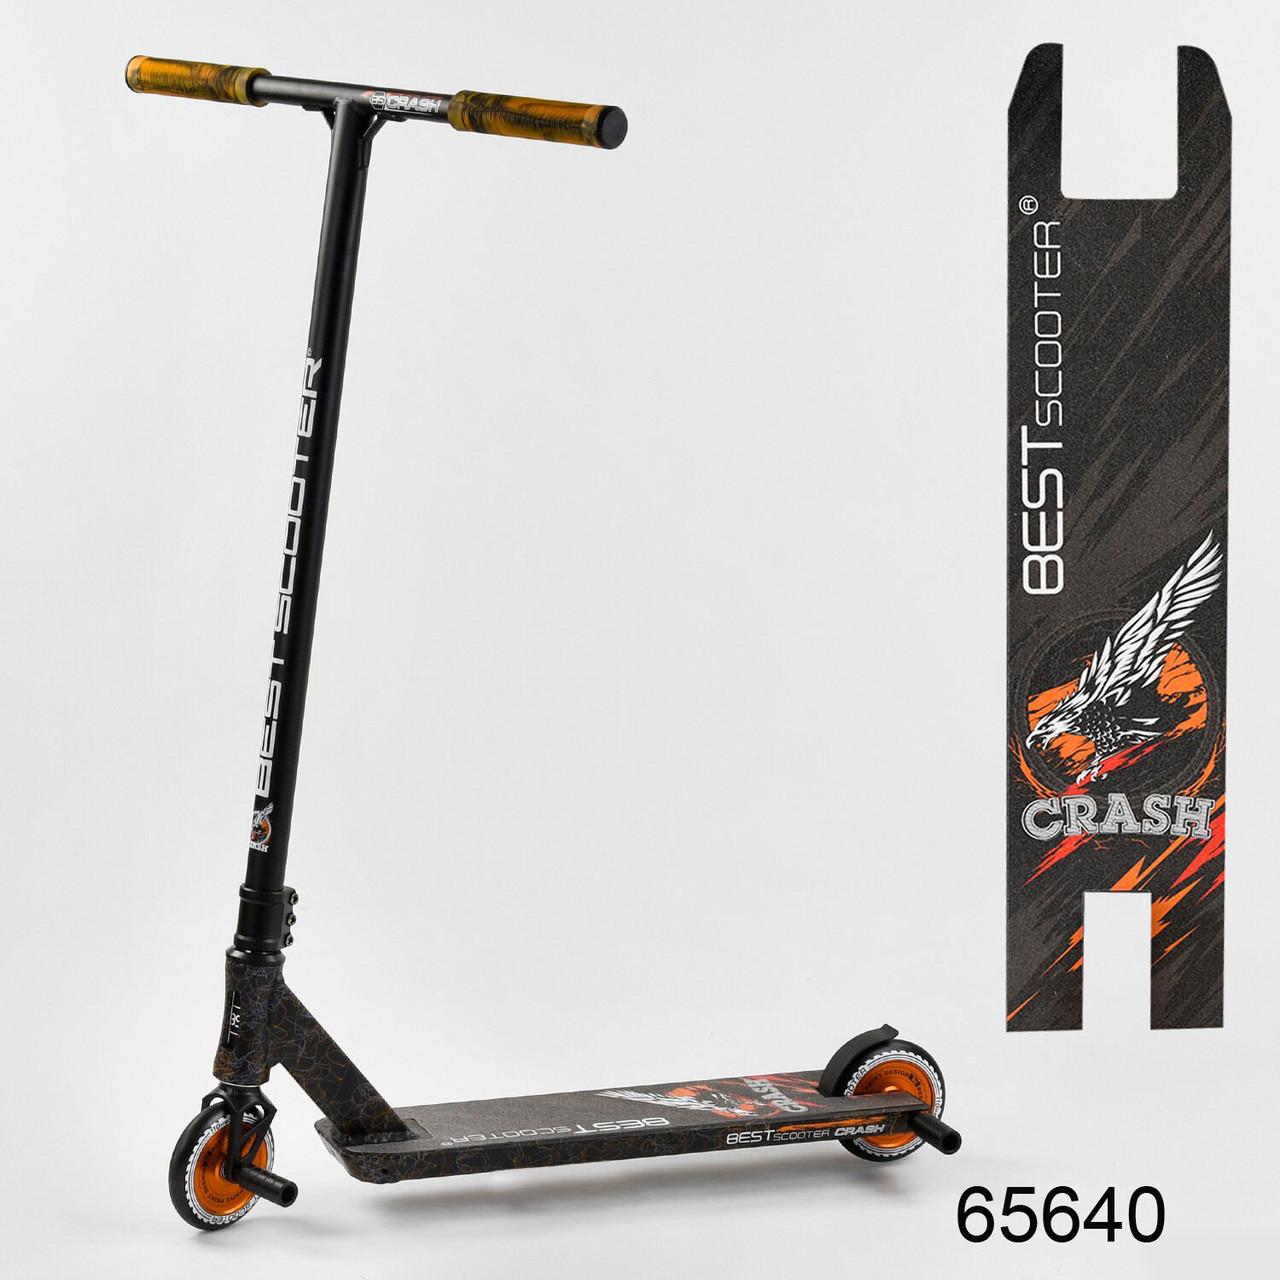 Самокат трюковый CRASH Best Scooter 65640